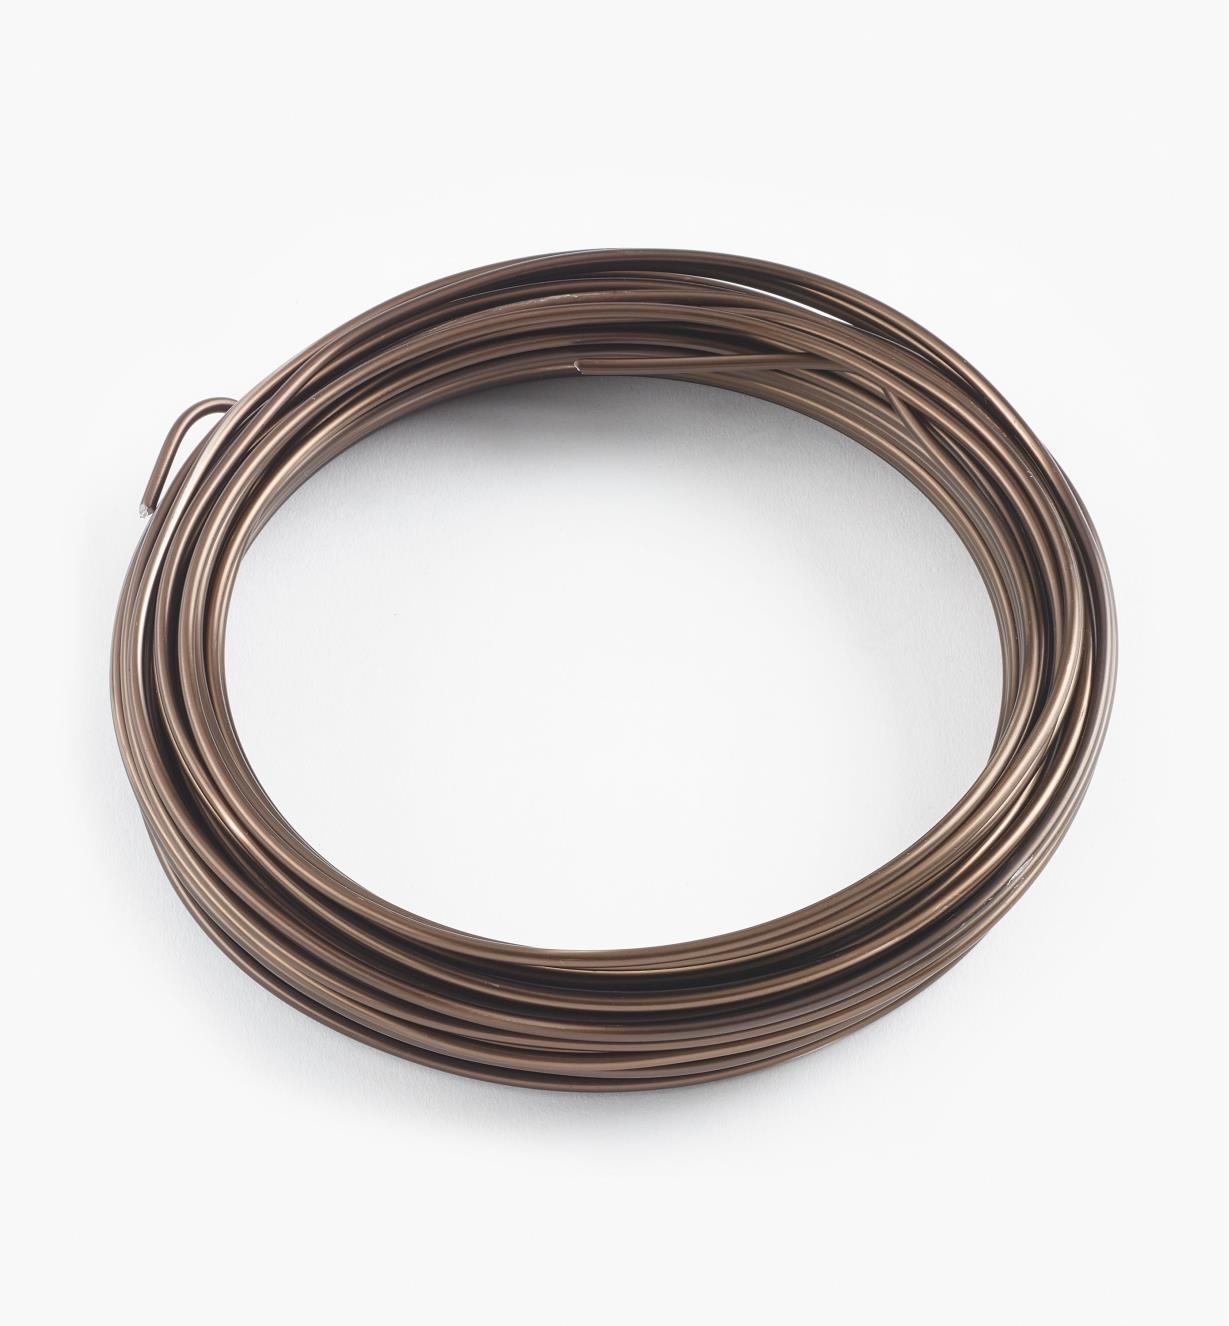 BC131 - Aluminum Wire, 2.5mm (15m)